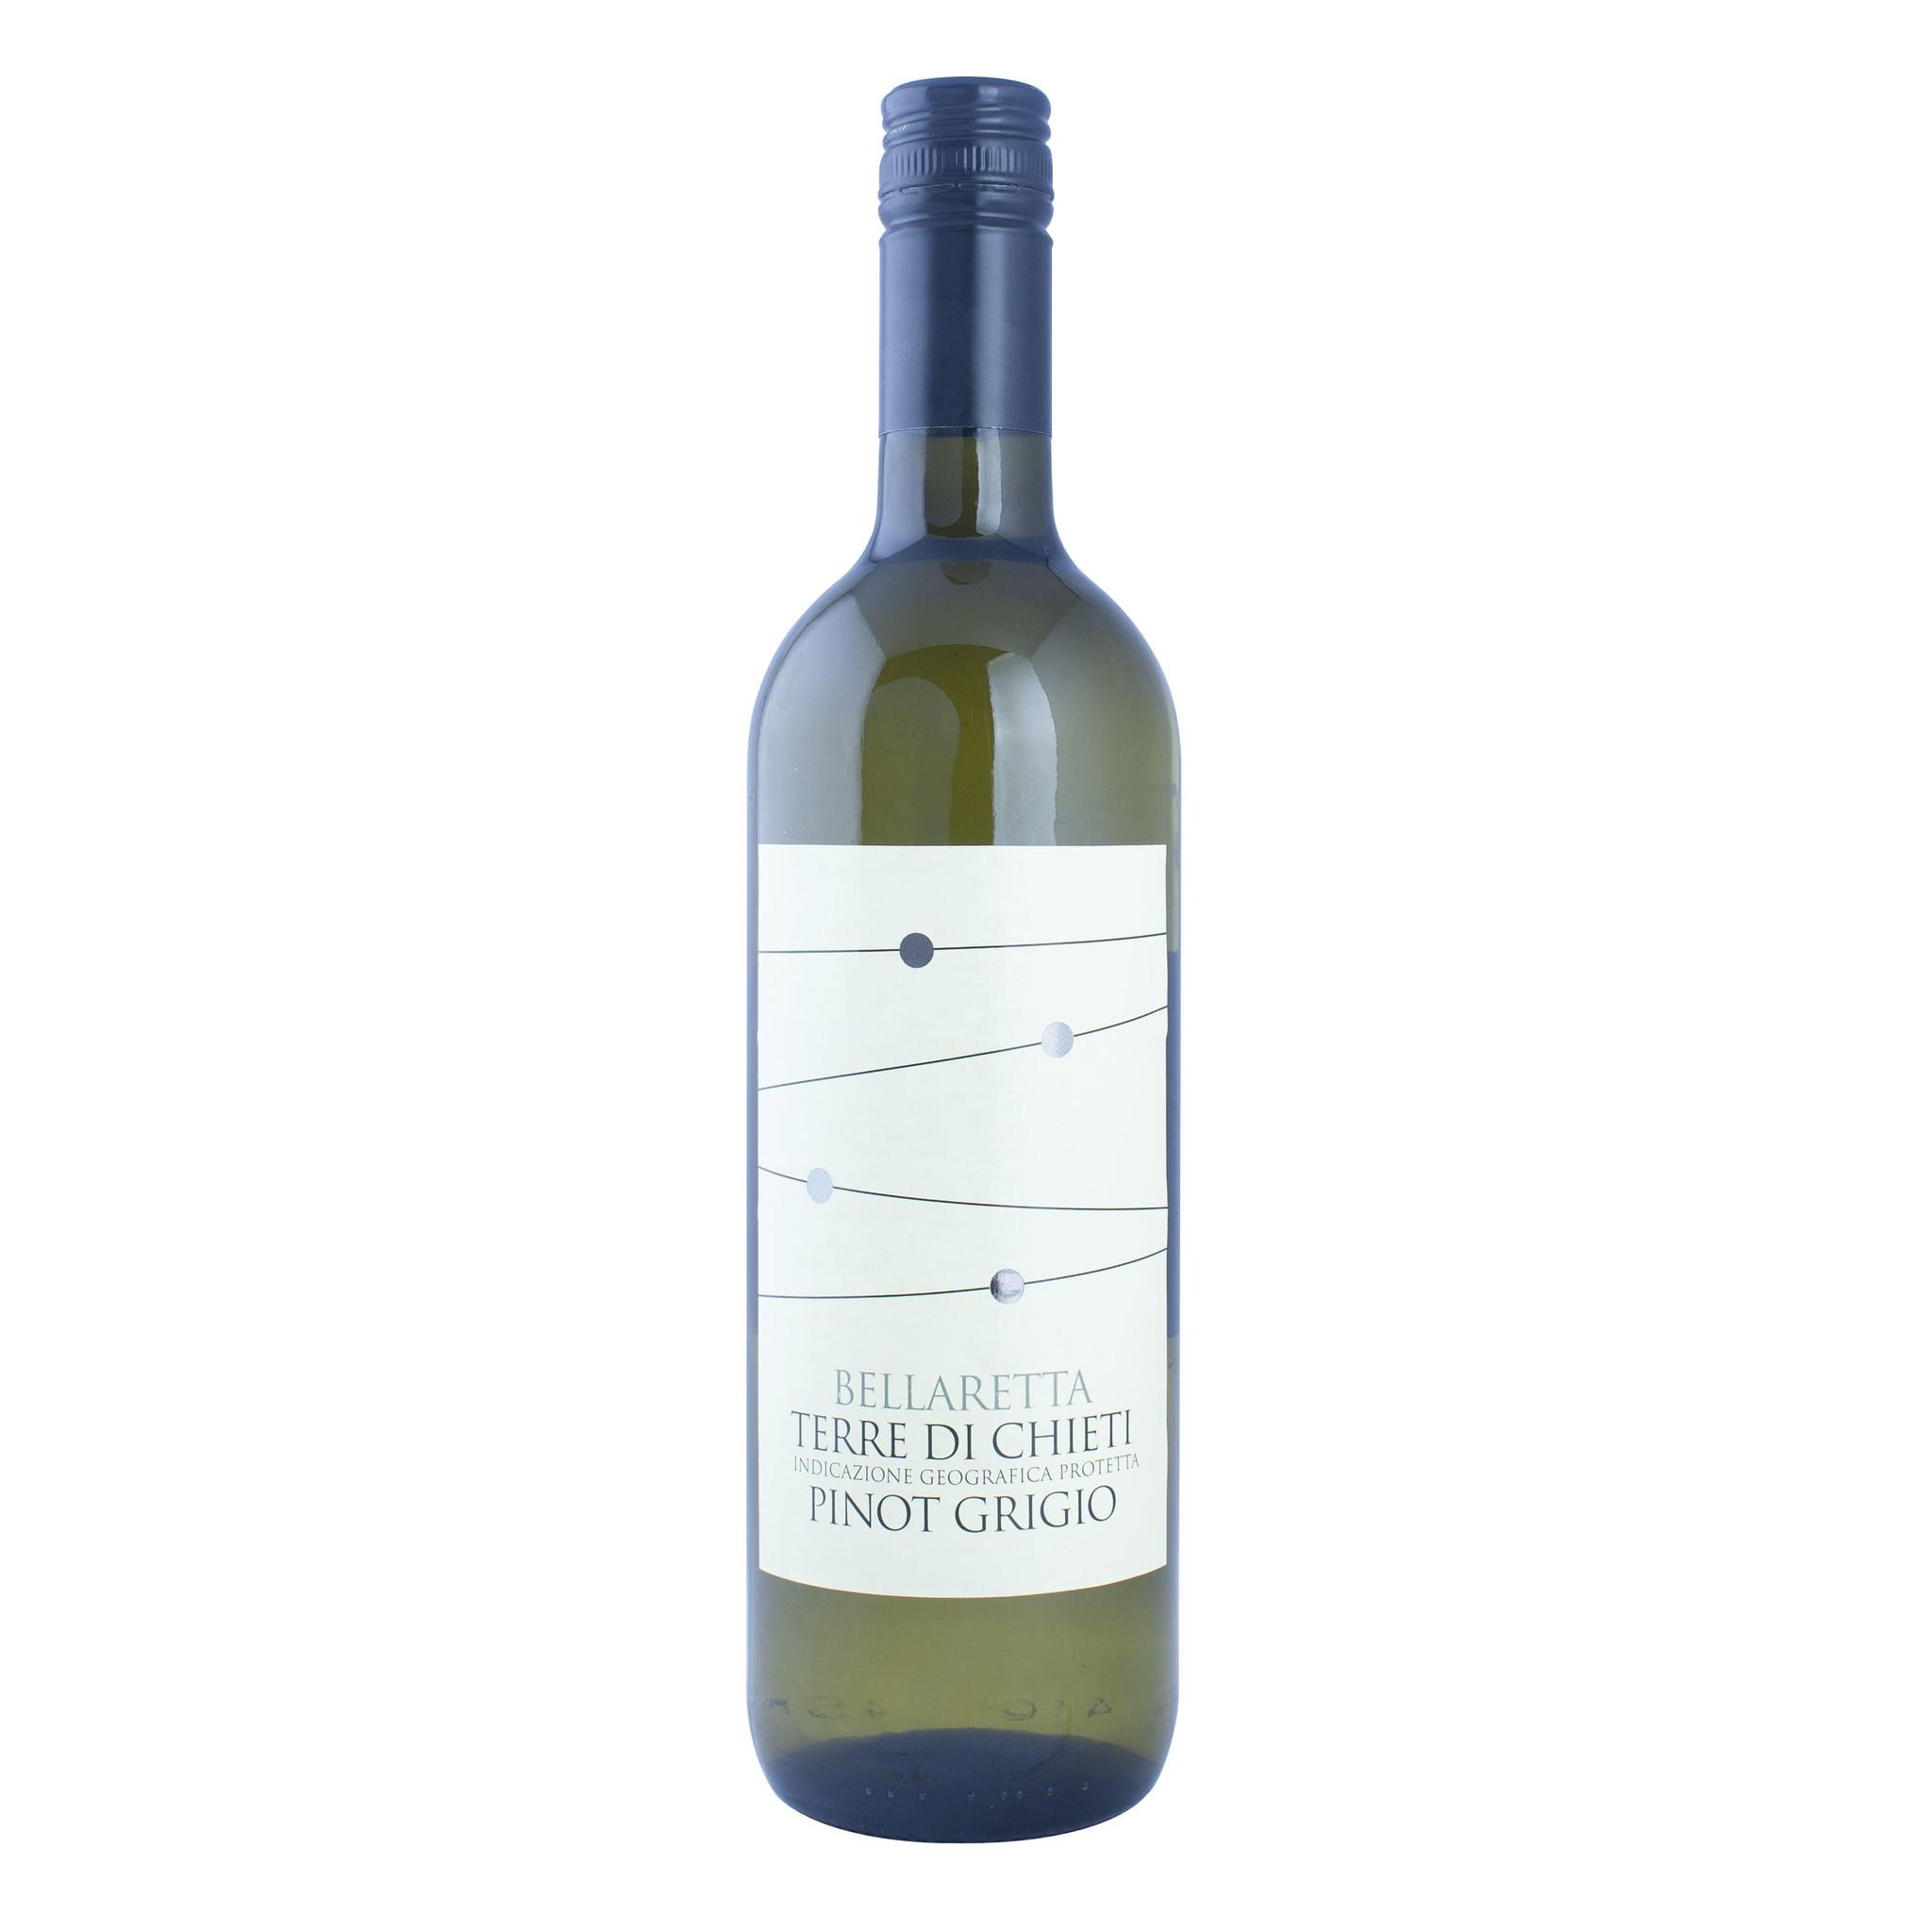 Bellaretta Pinot Grigio Terre di Chieti 2019